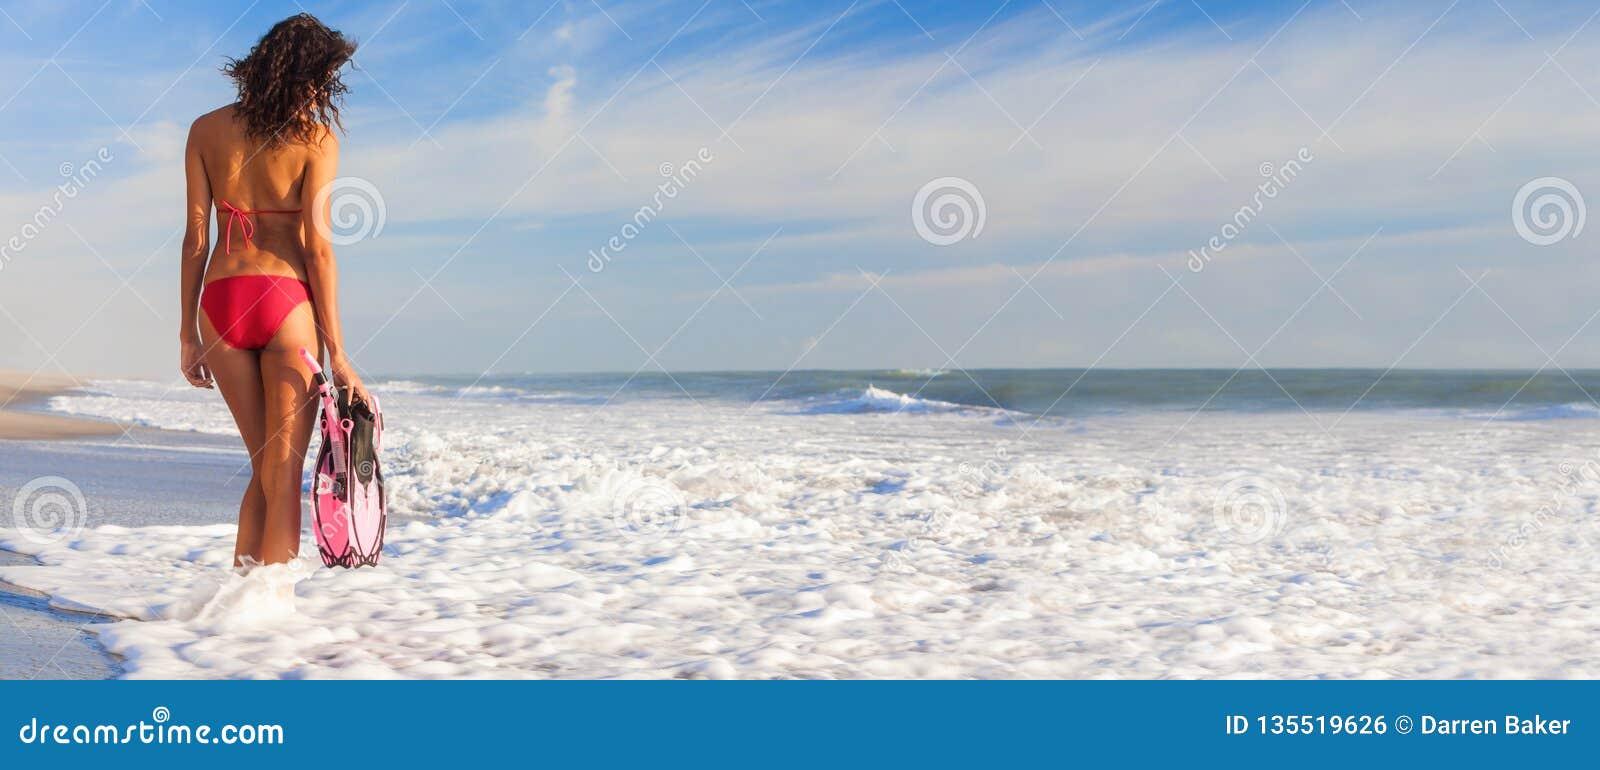 Panoramic Rear View Bikini Woman Girl At Beach